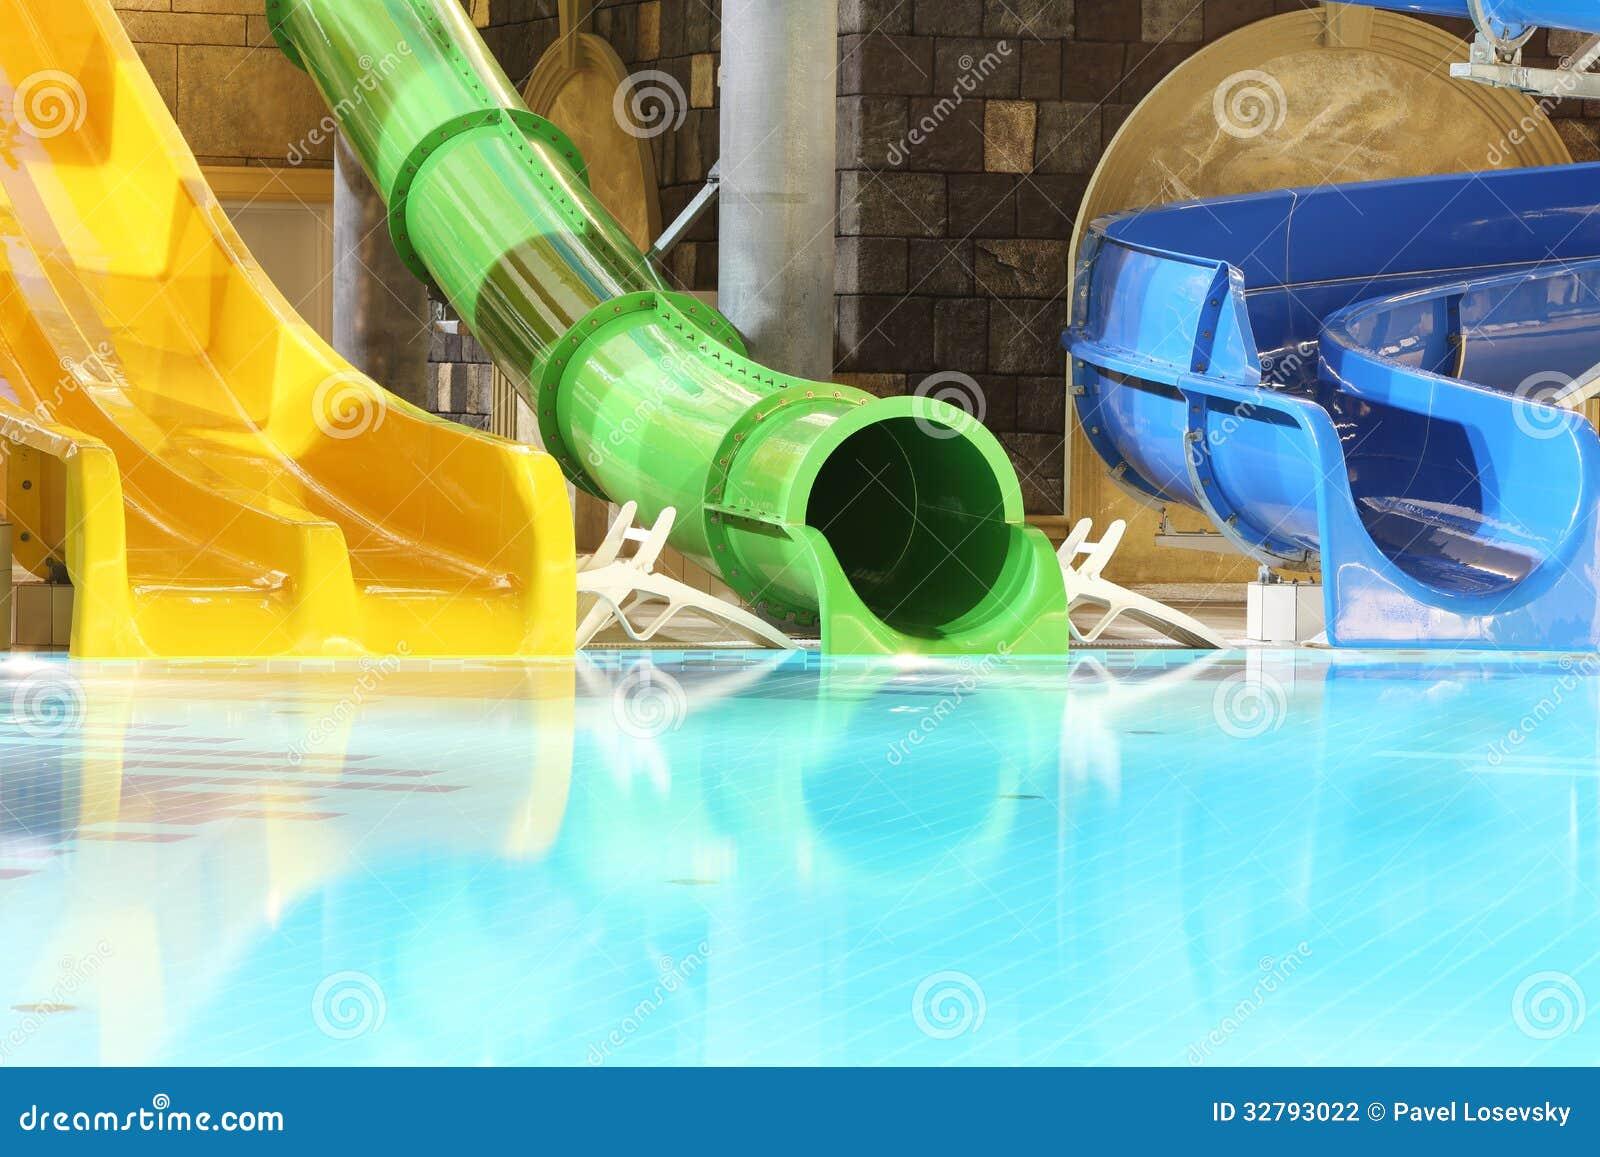 Большие водные горки и бассейн в крытом aquapark